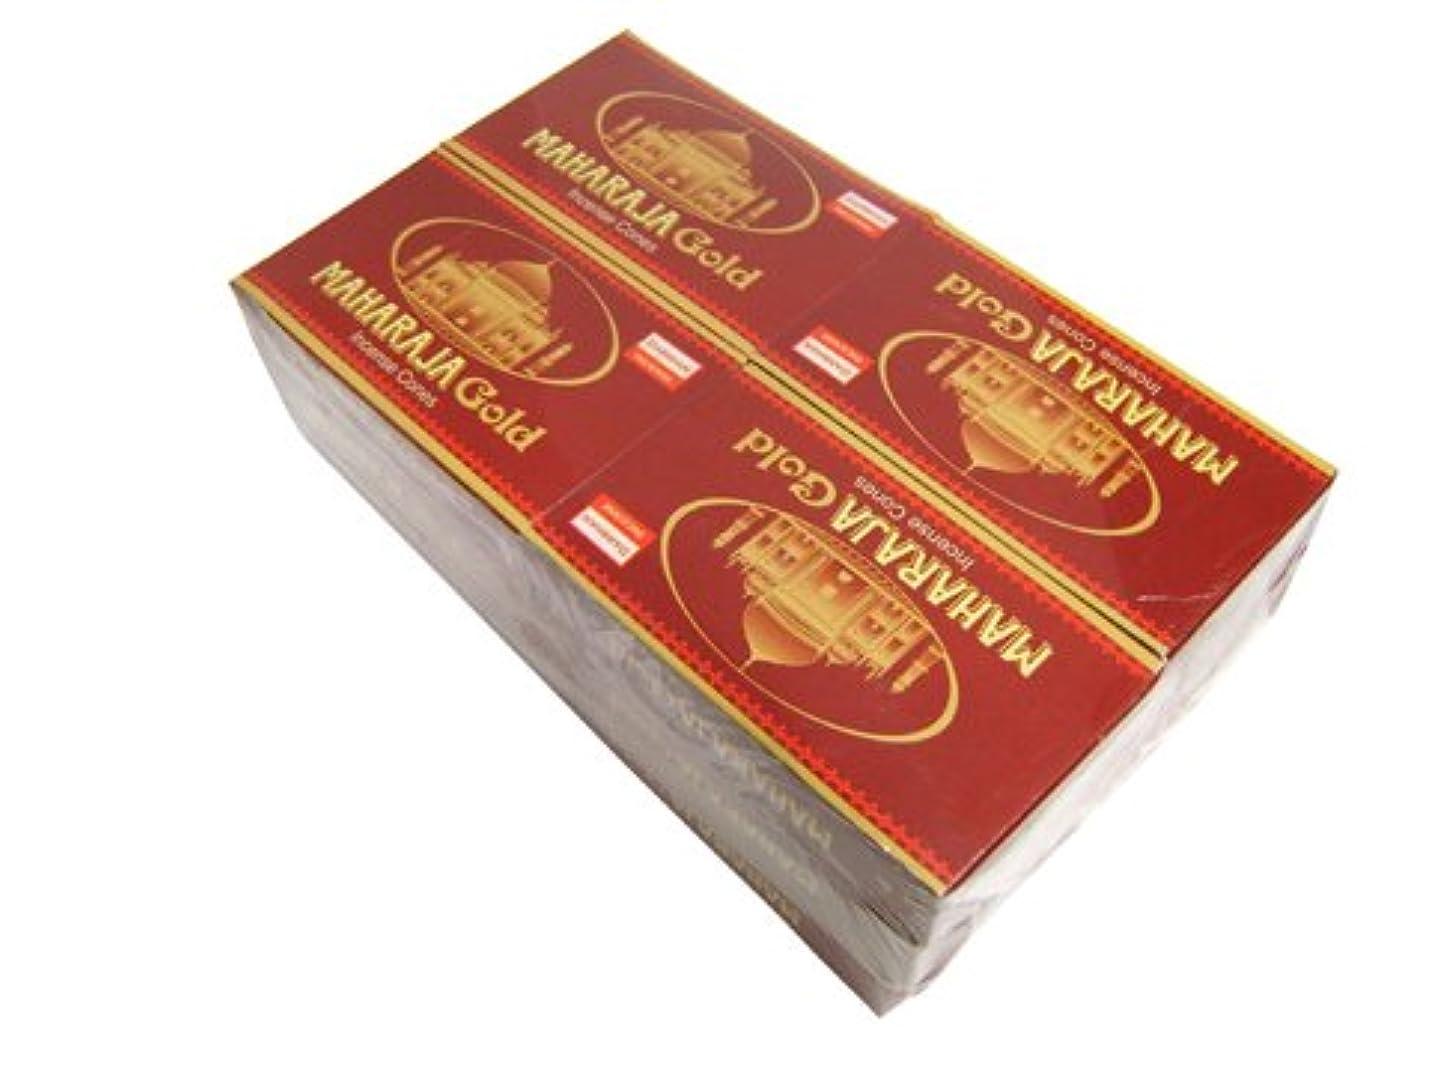 敬敵意東ティモールDARSHAN(ダルシャン) マハラジャゴールド香 コーンタイプ MAHARAJA GOLD CORN 12箱セット